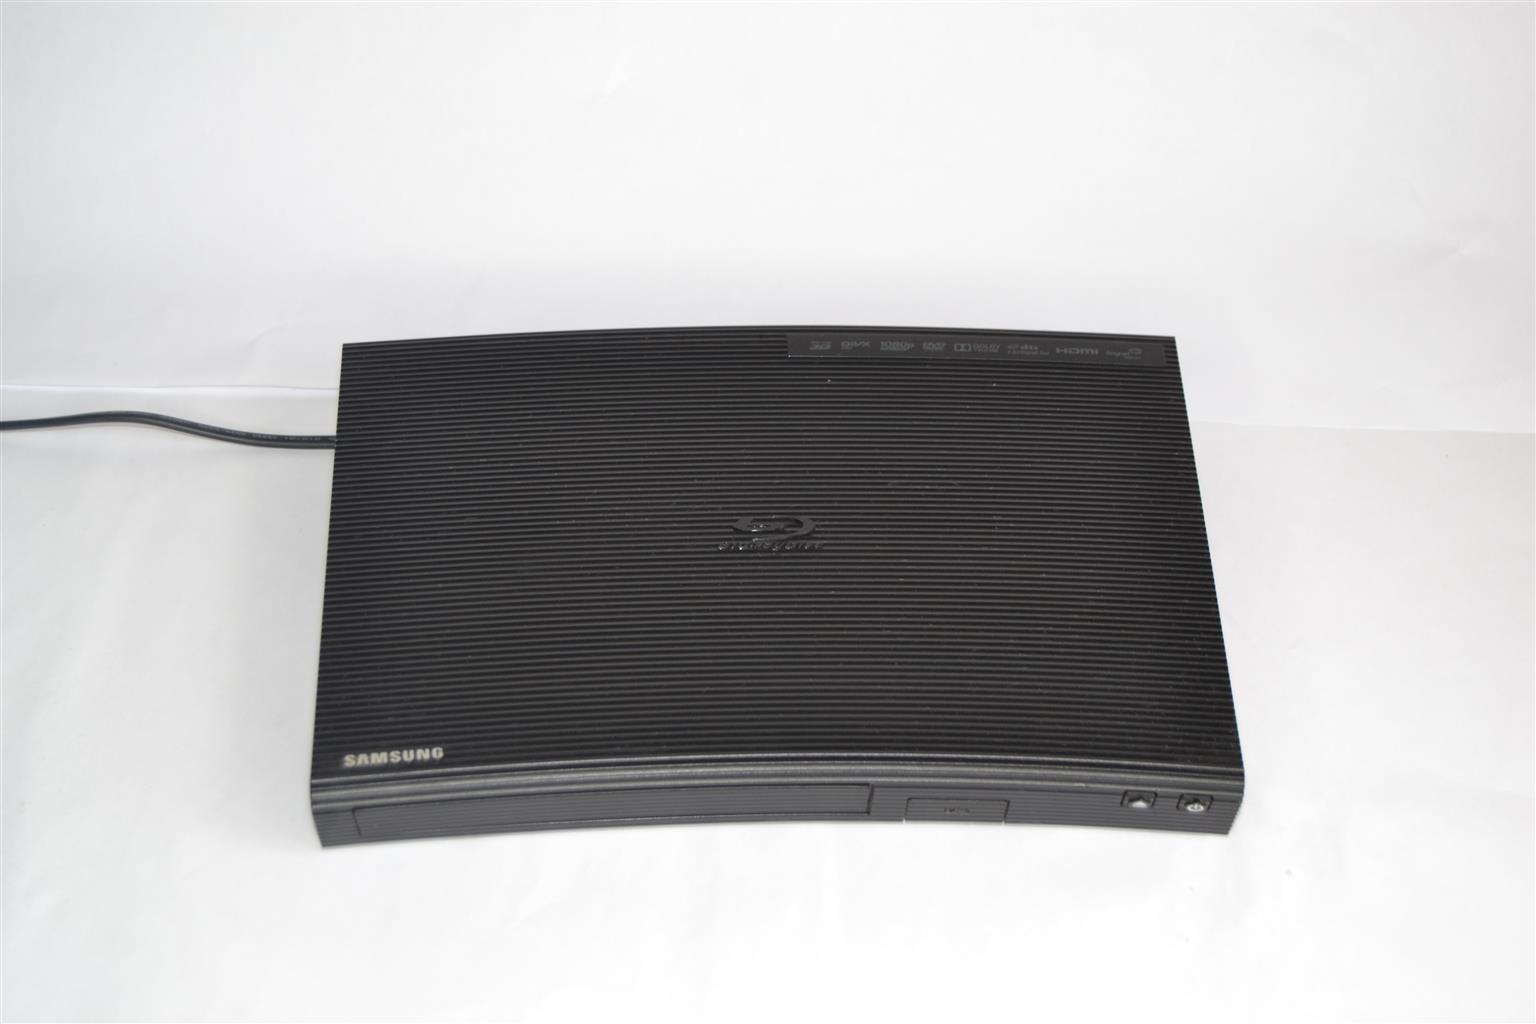 Samsung Blu-ray DVD player